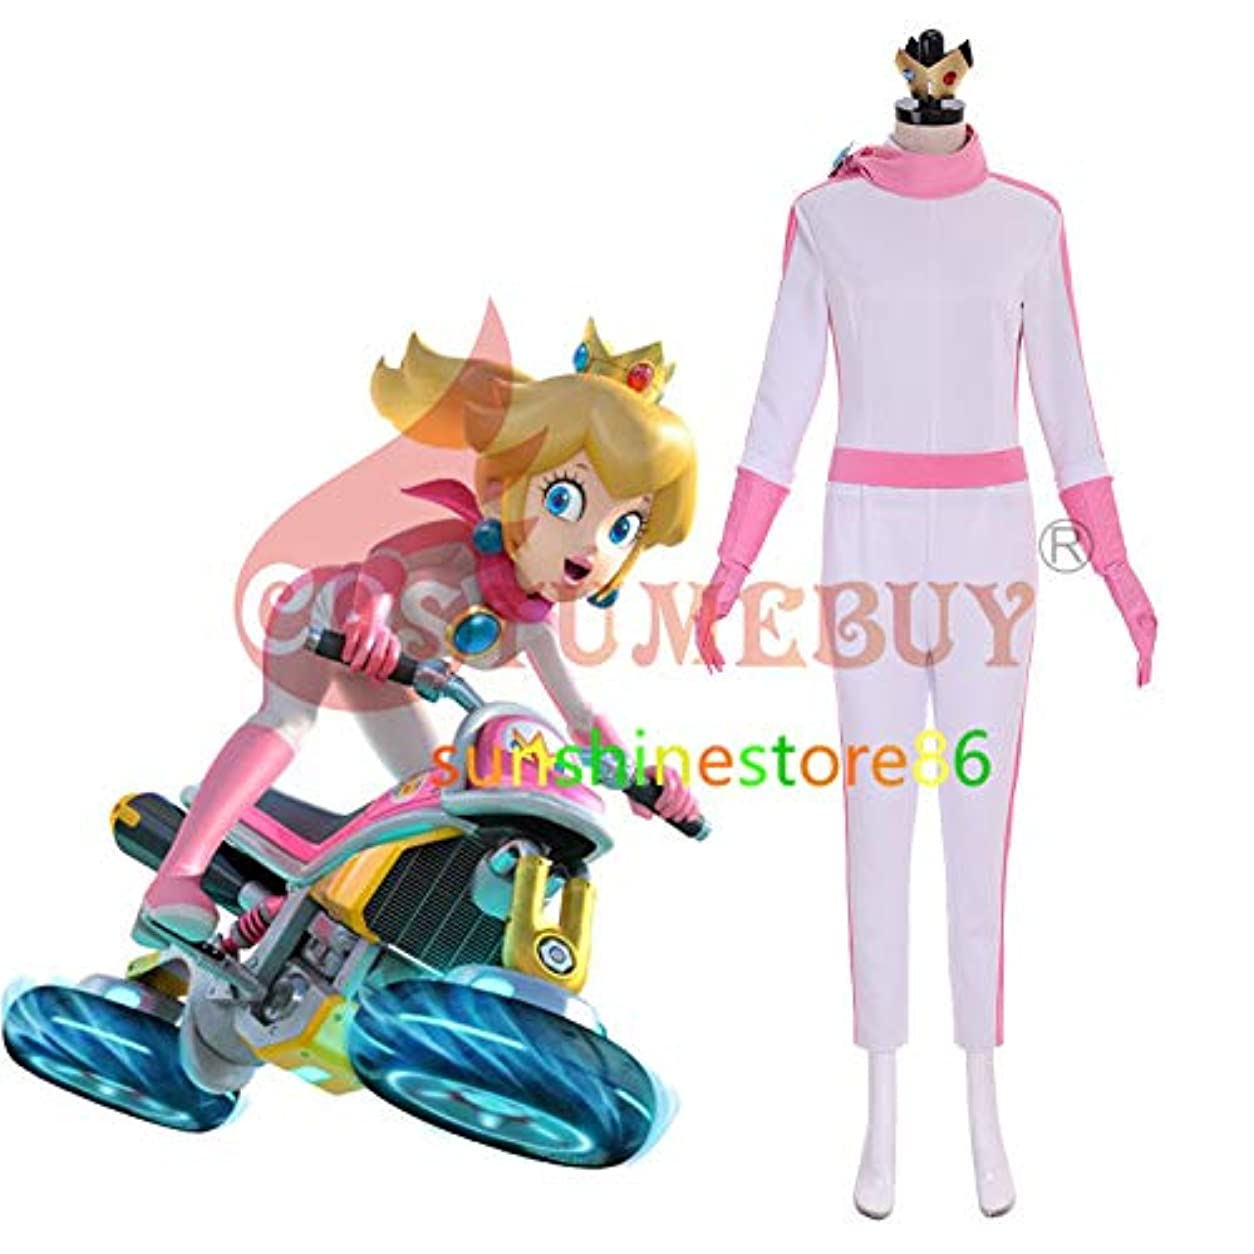 パノラマ責める従来のディズニーマリオカート 8 ピーチ姫 BikeSuit コスプレ衣装